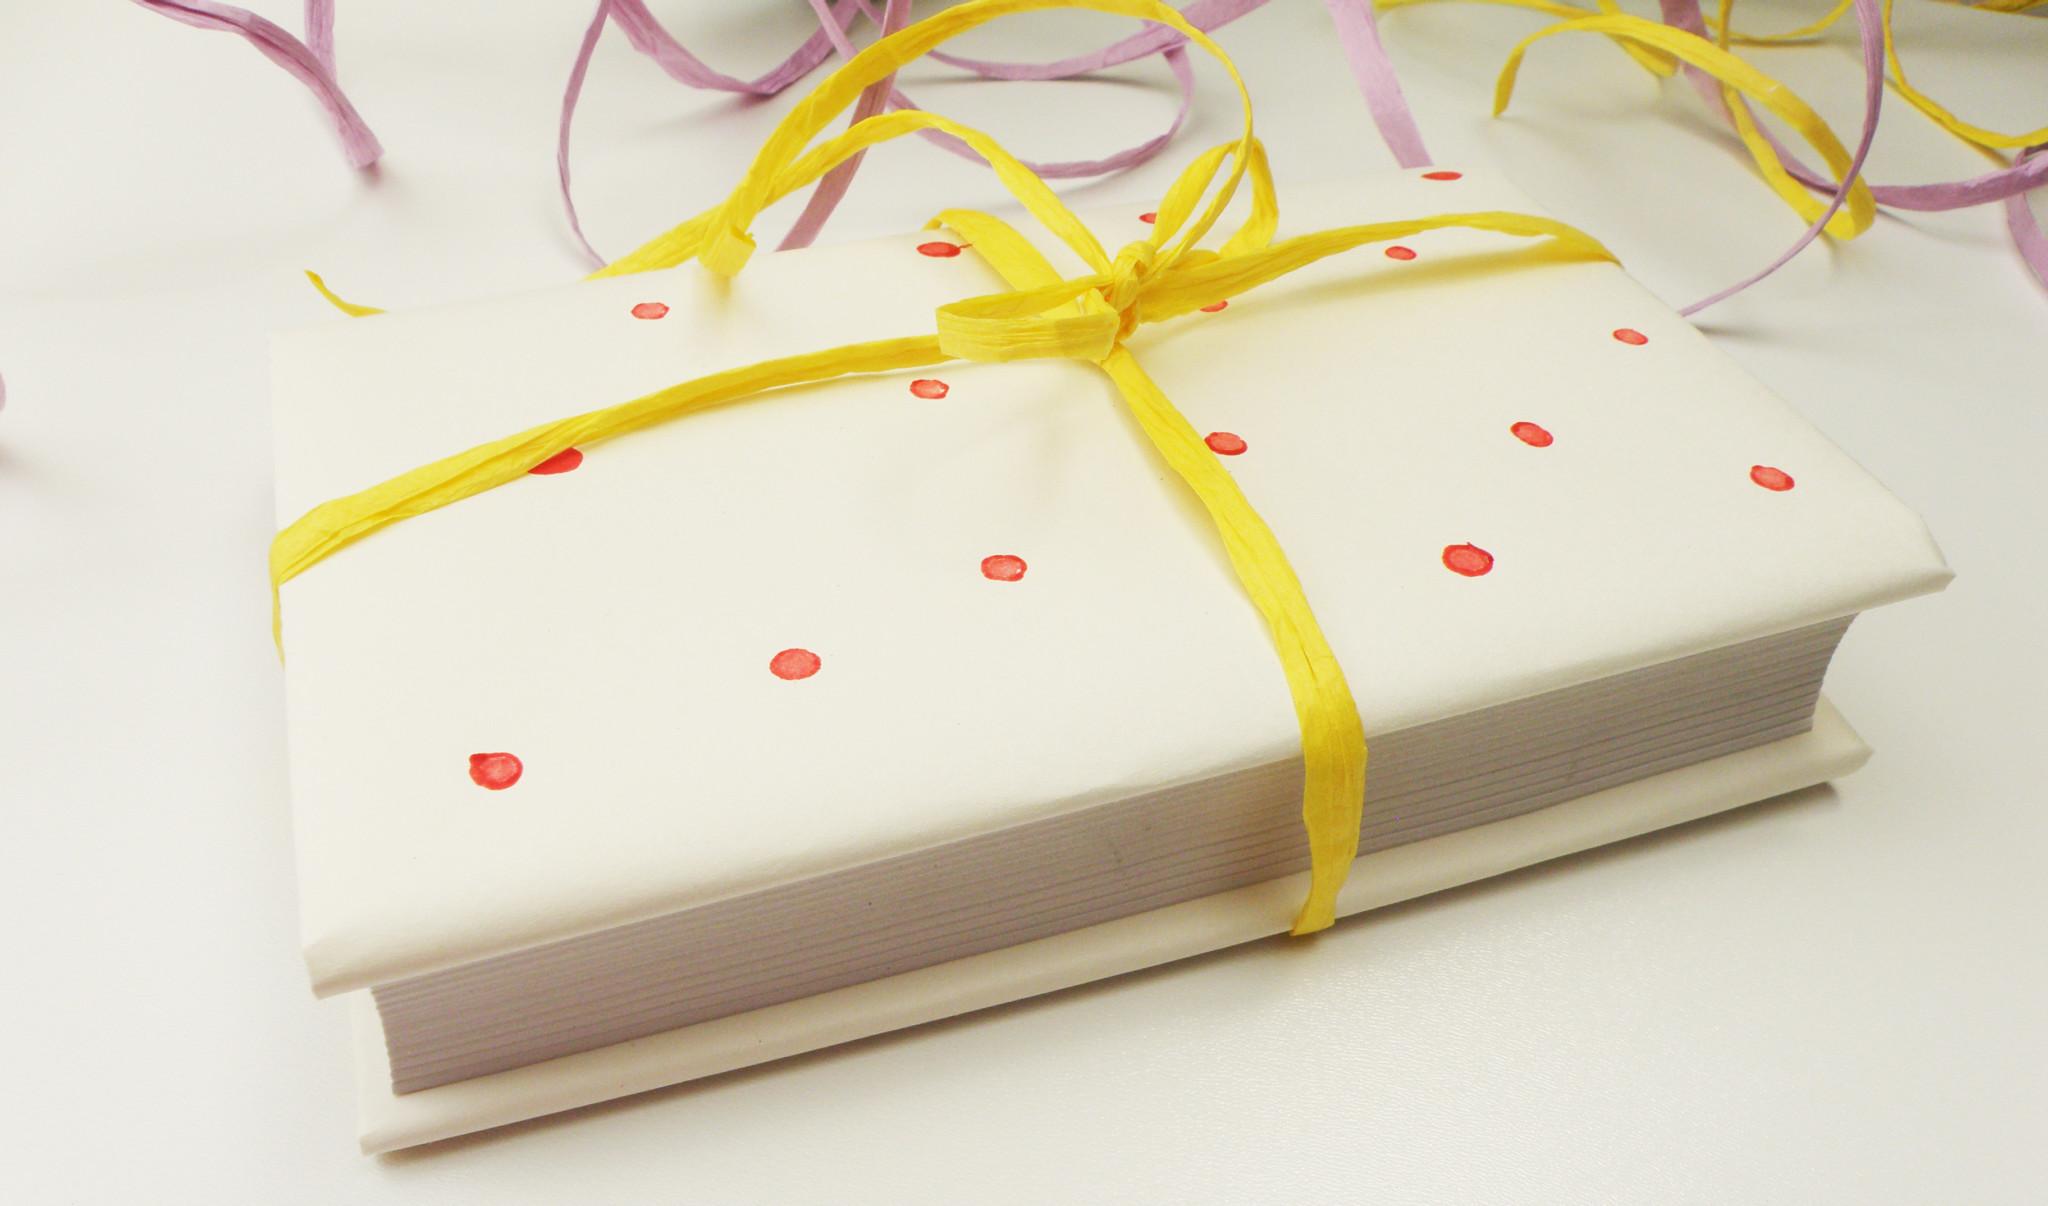 Книга в подарок. Как выбрать и подарить «ту самую» книгу | Блог Варвары Лялягиной «Дом, в который хочется приходить»